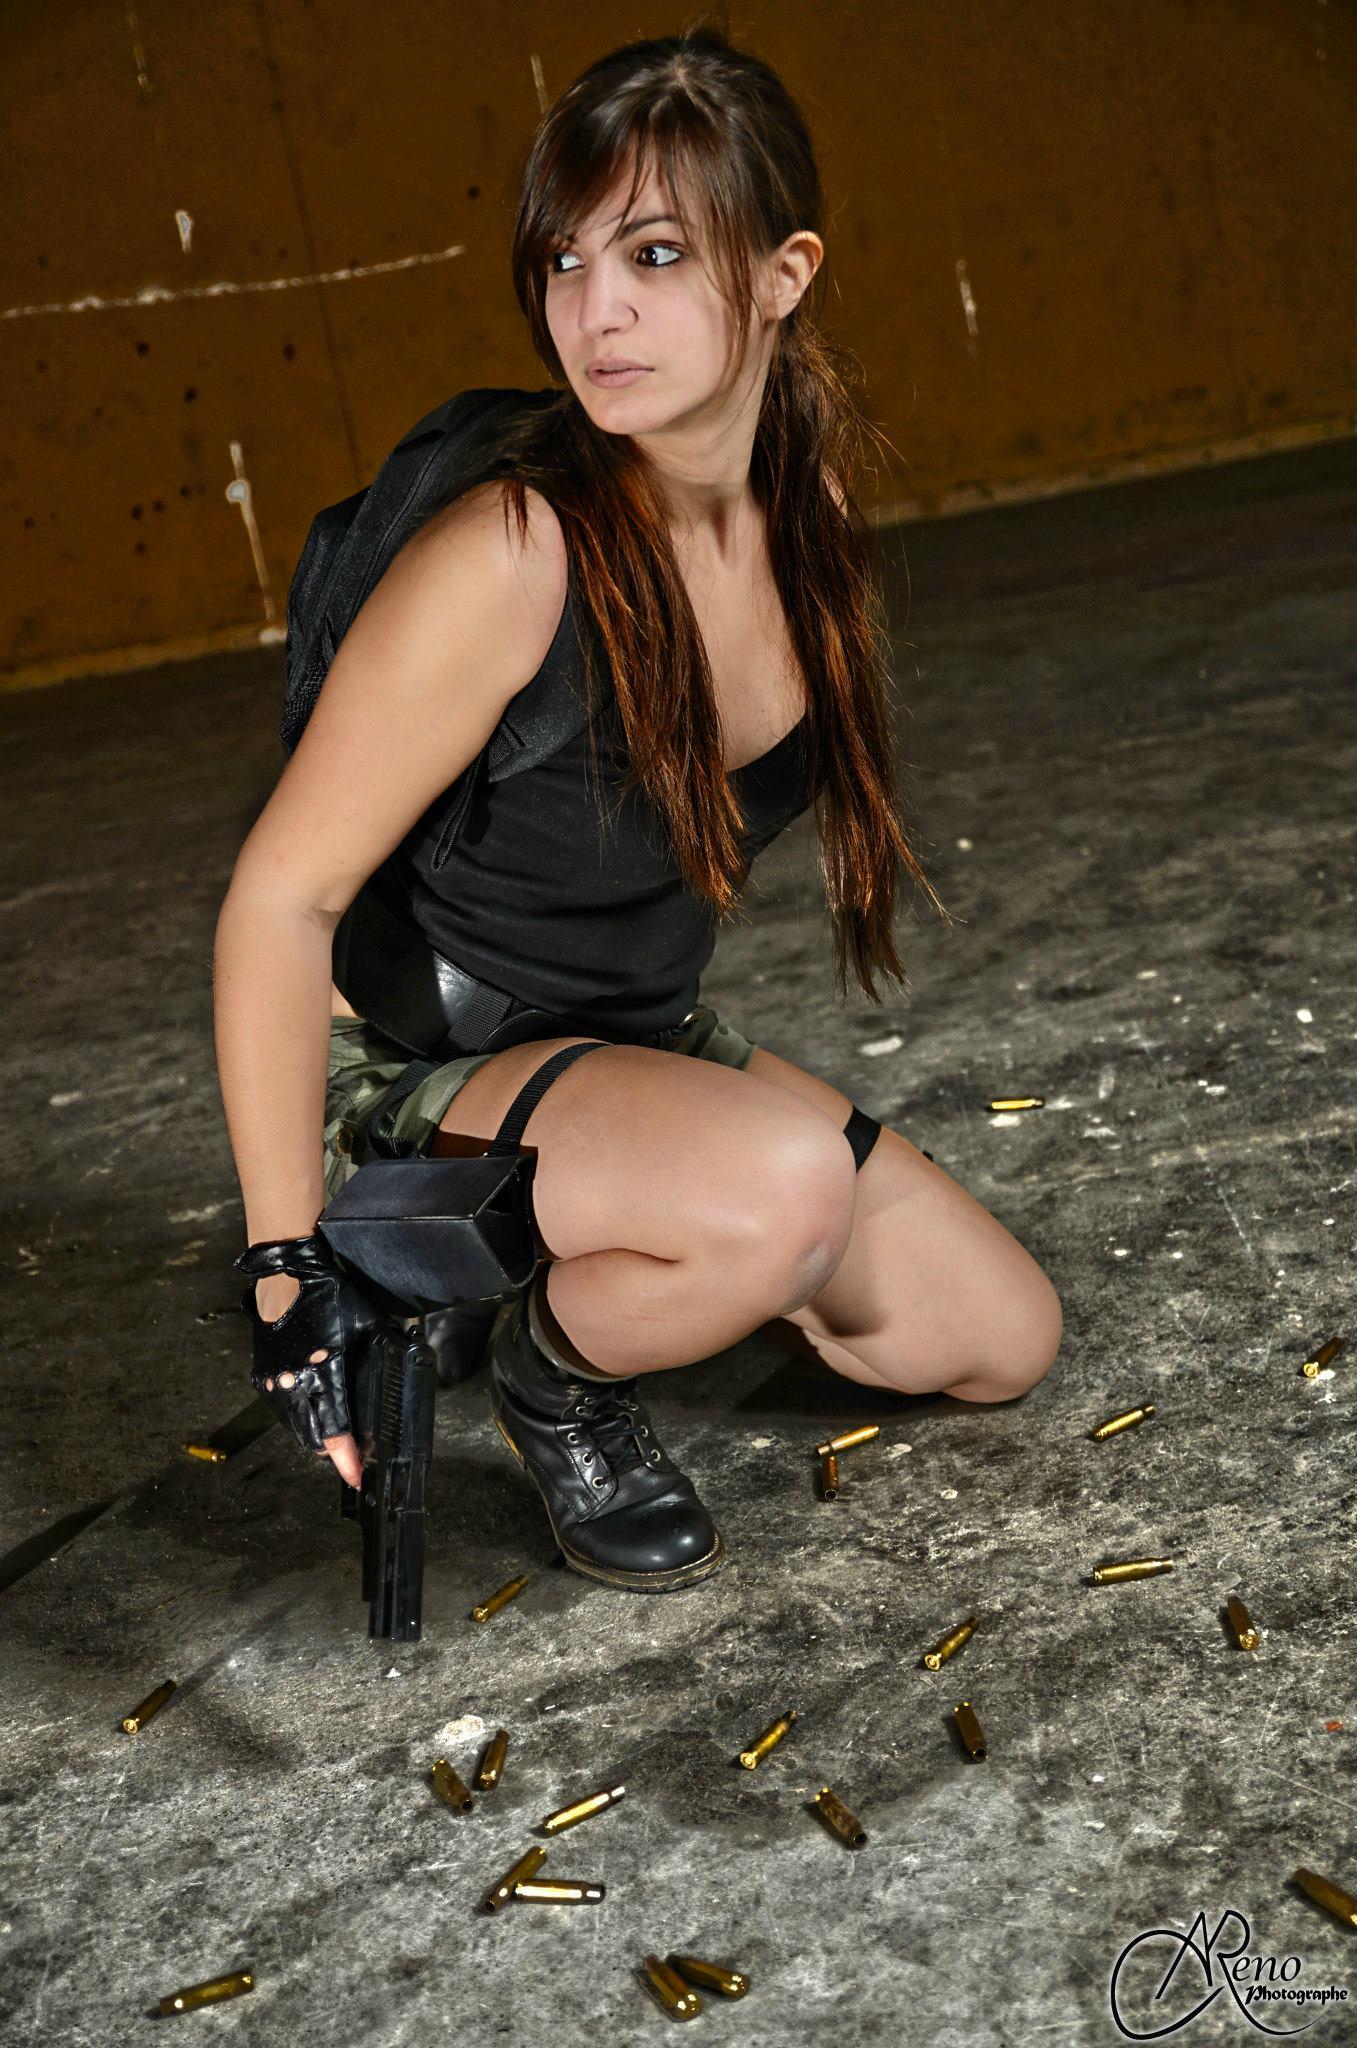 Lara croft sur Jeux flash sexy